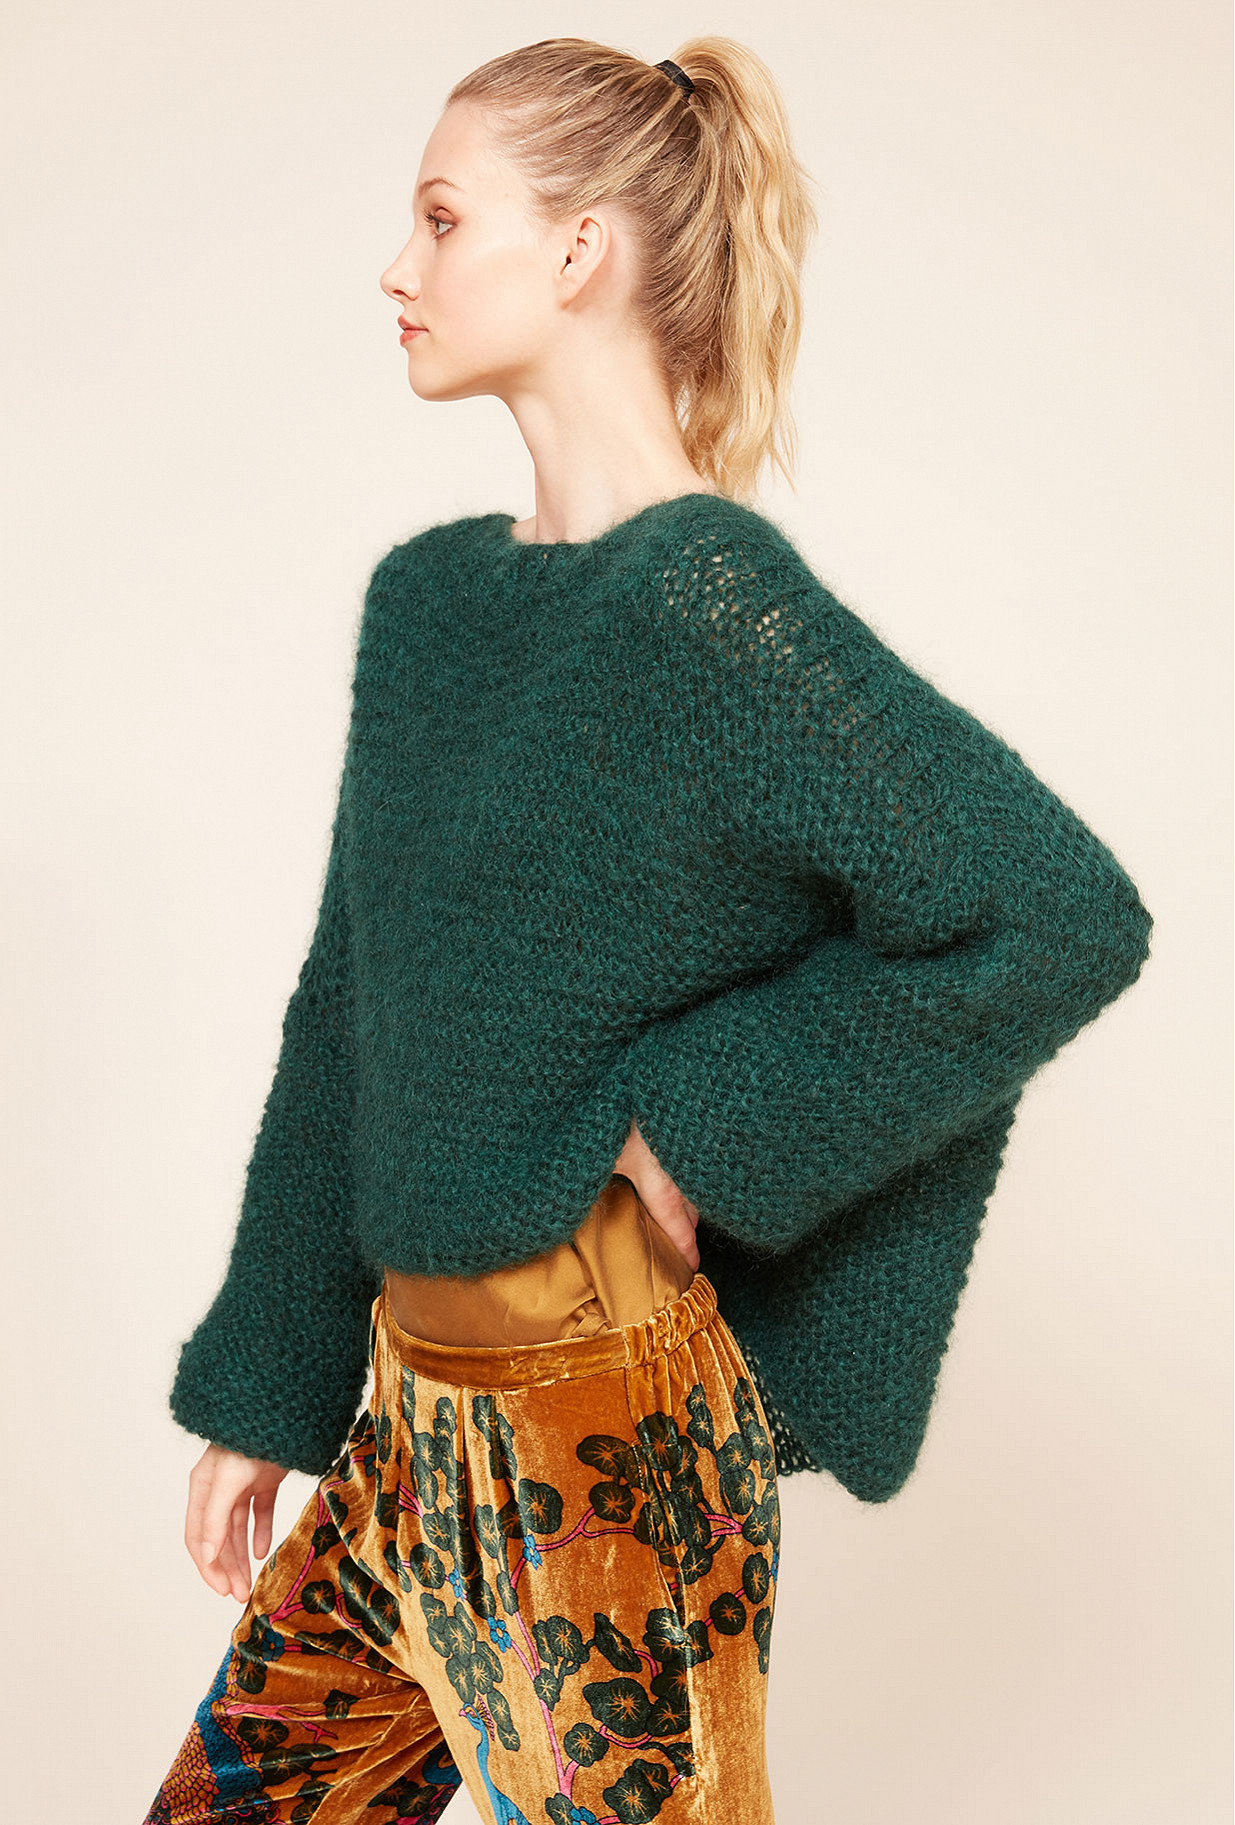 Green  Sweater  Crecelle Mes demoiselles fashion clothes designer Paris